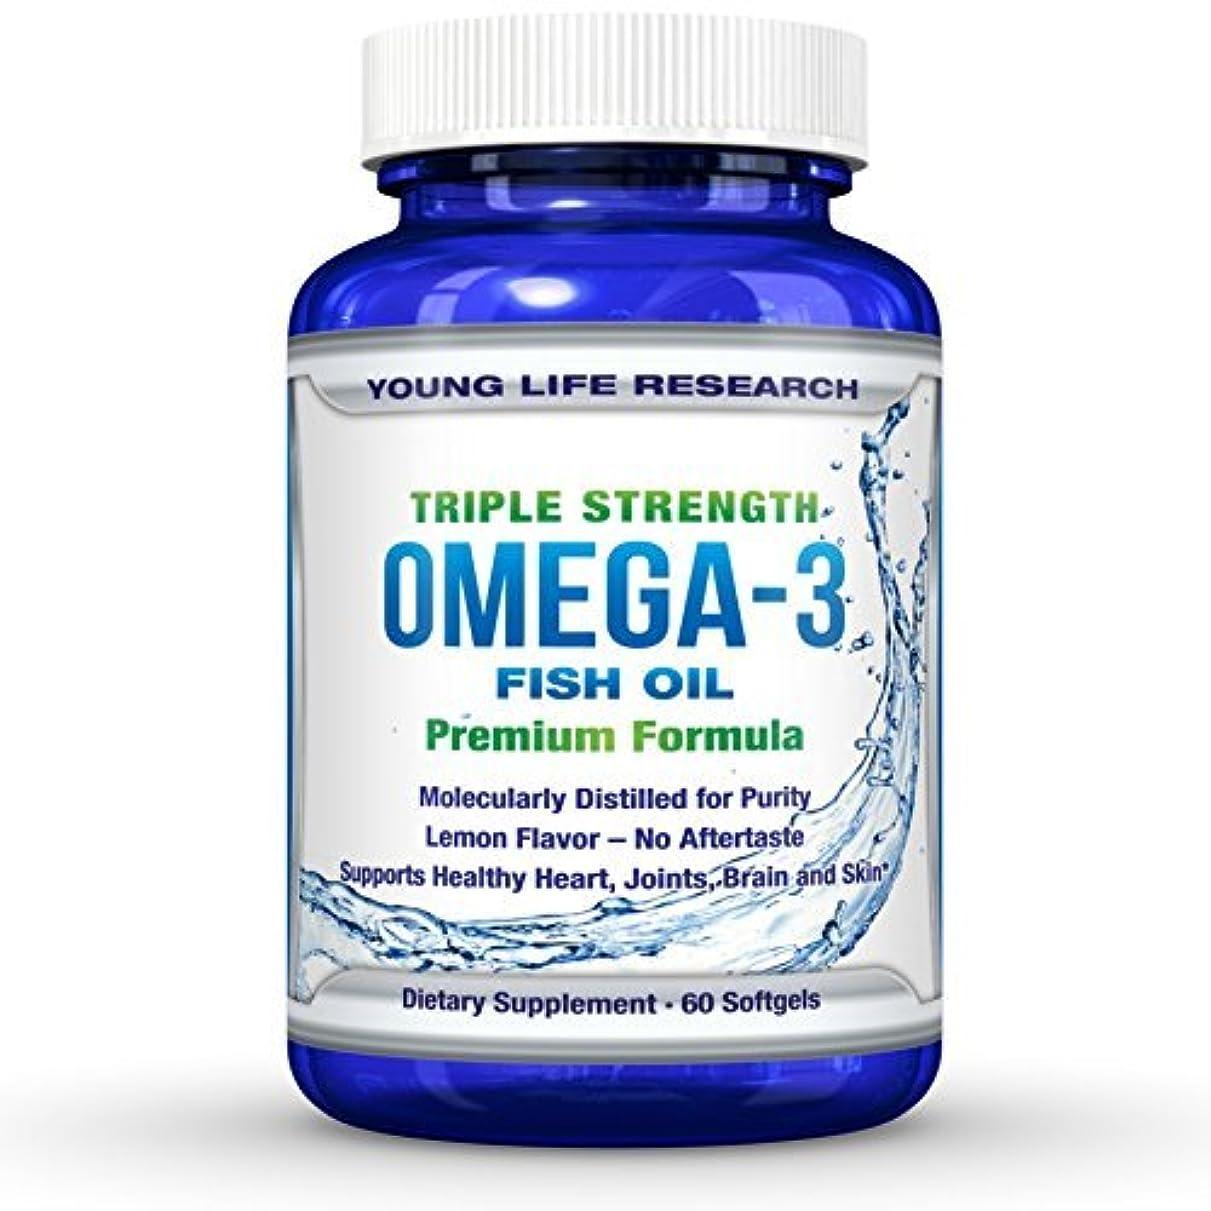 アーカイブ完璧なシダFISH OIL OMEGA 3 - Triple Strength Ultra-Purified Professional Grade - By Young Life Research by Young Life Research...